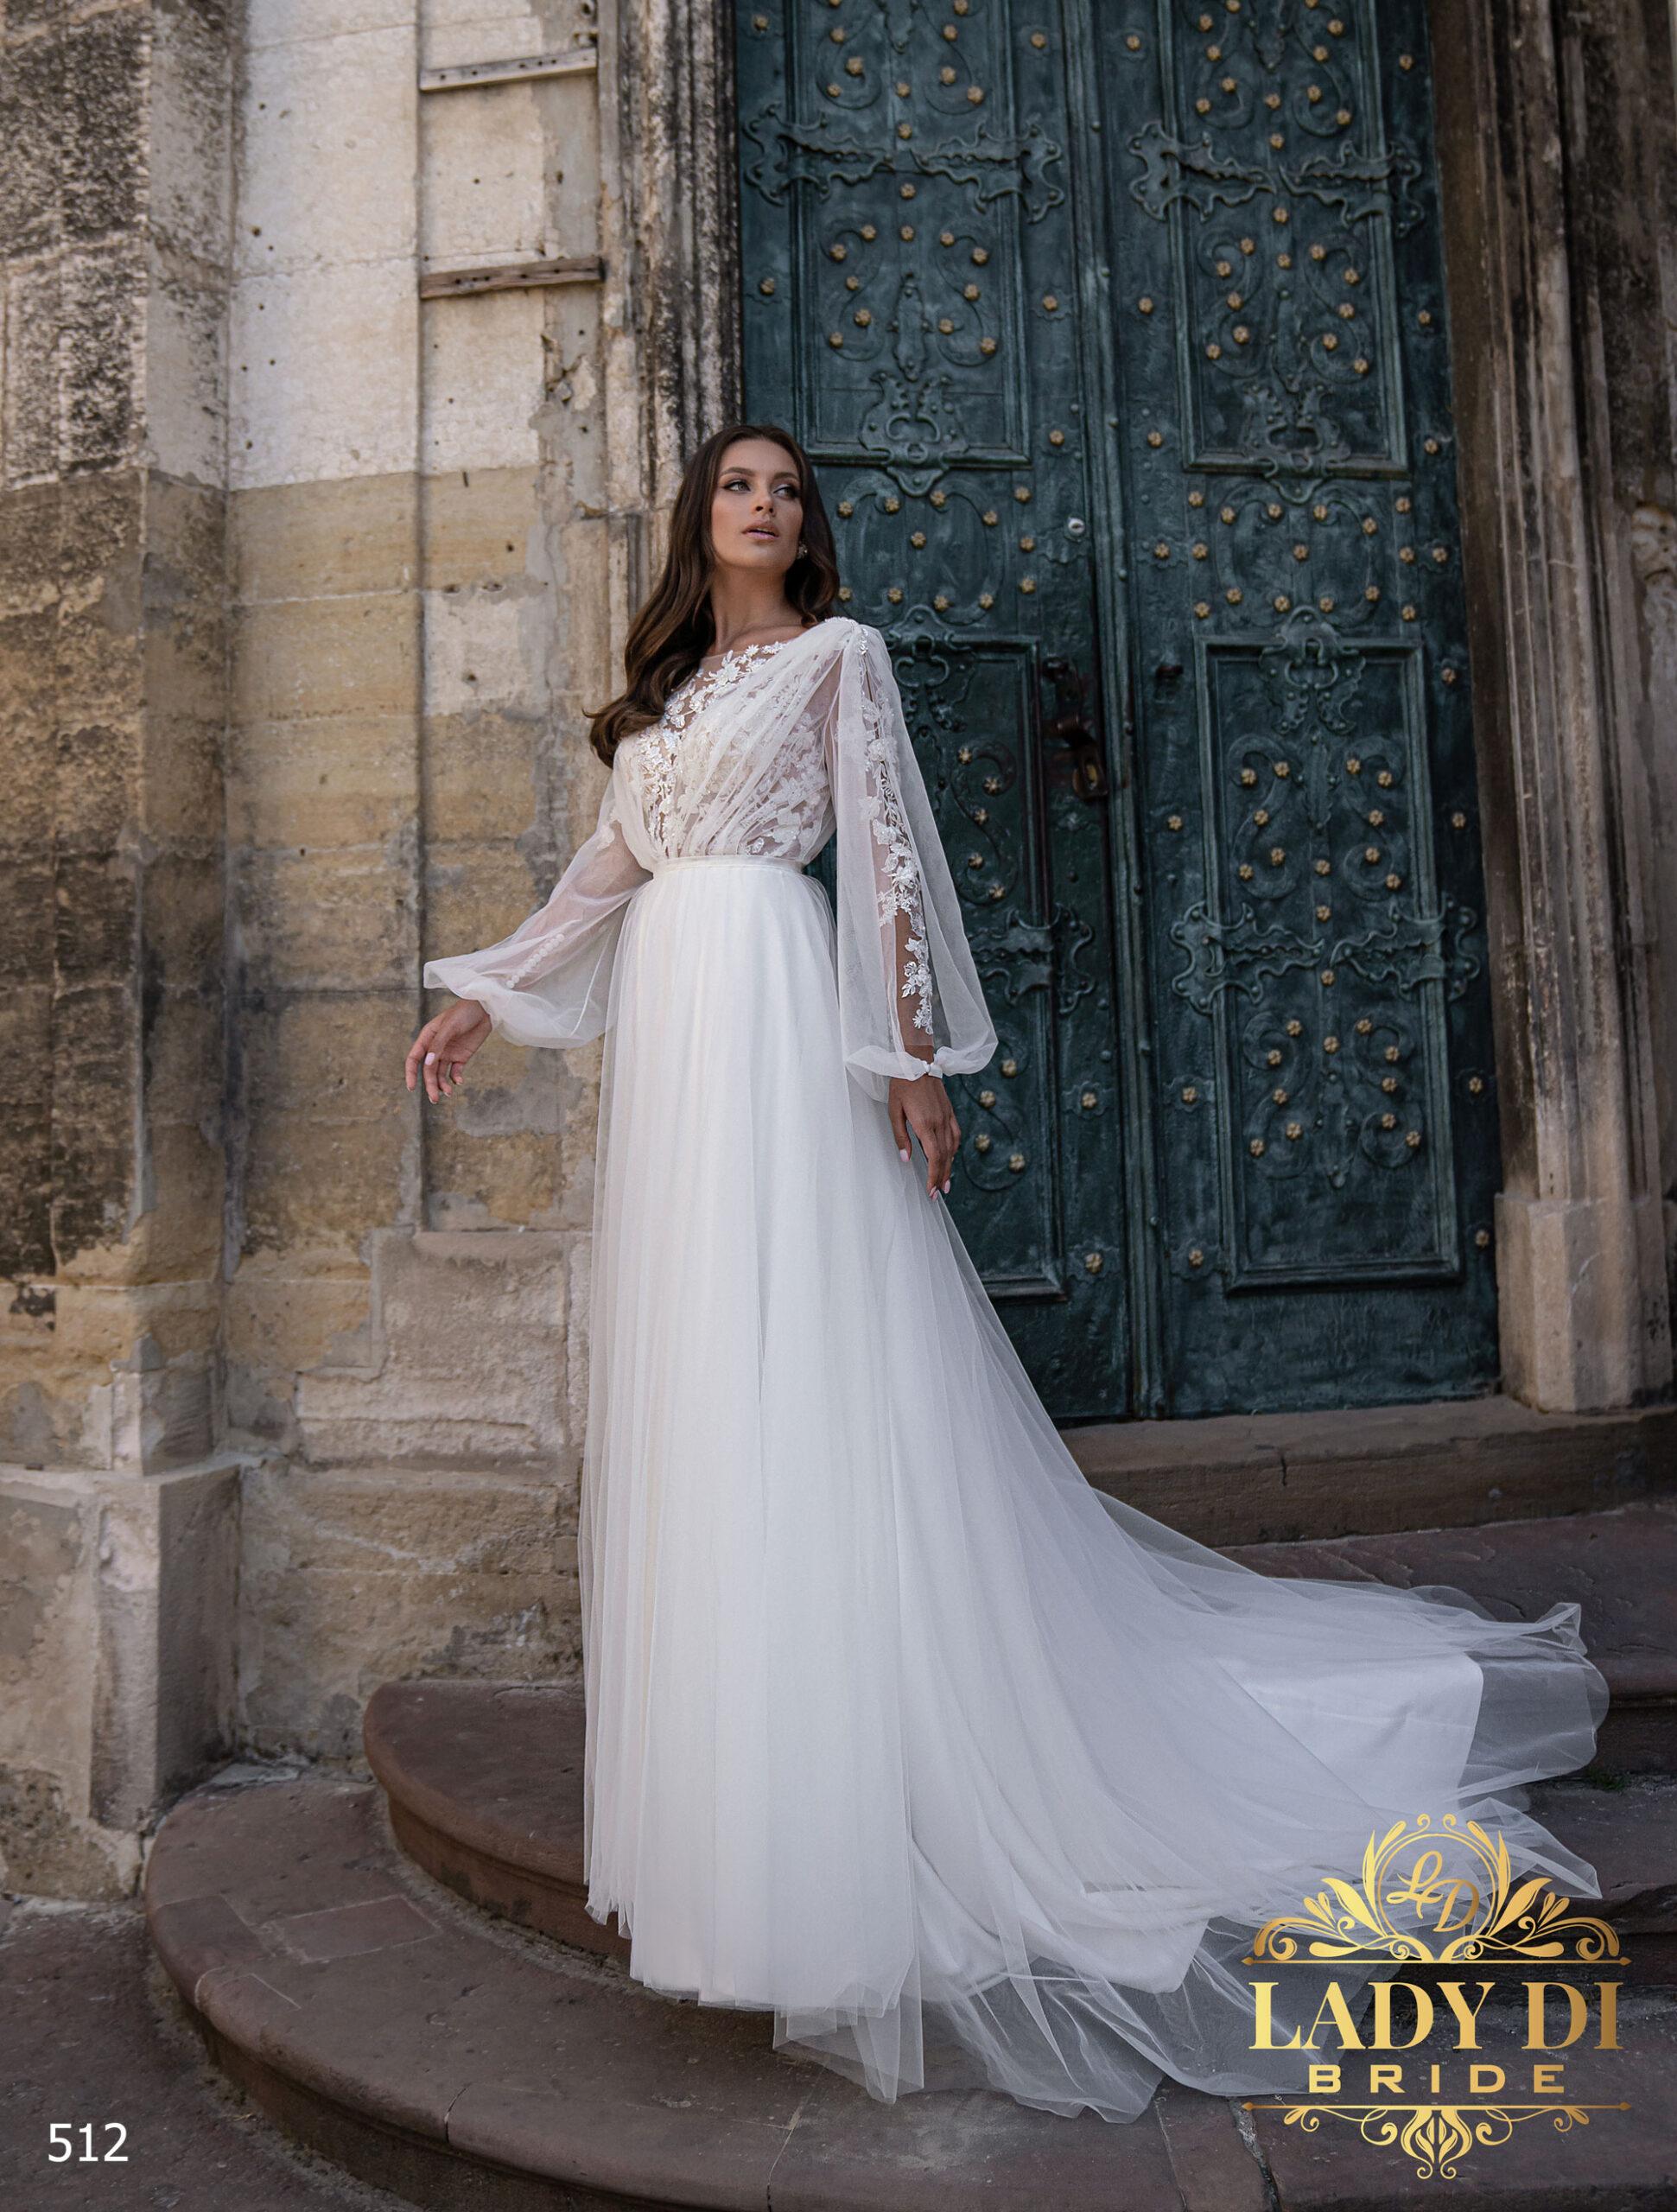 svadebnoe-plate-512-1